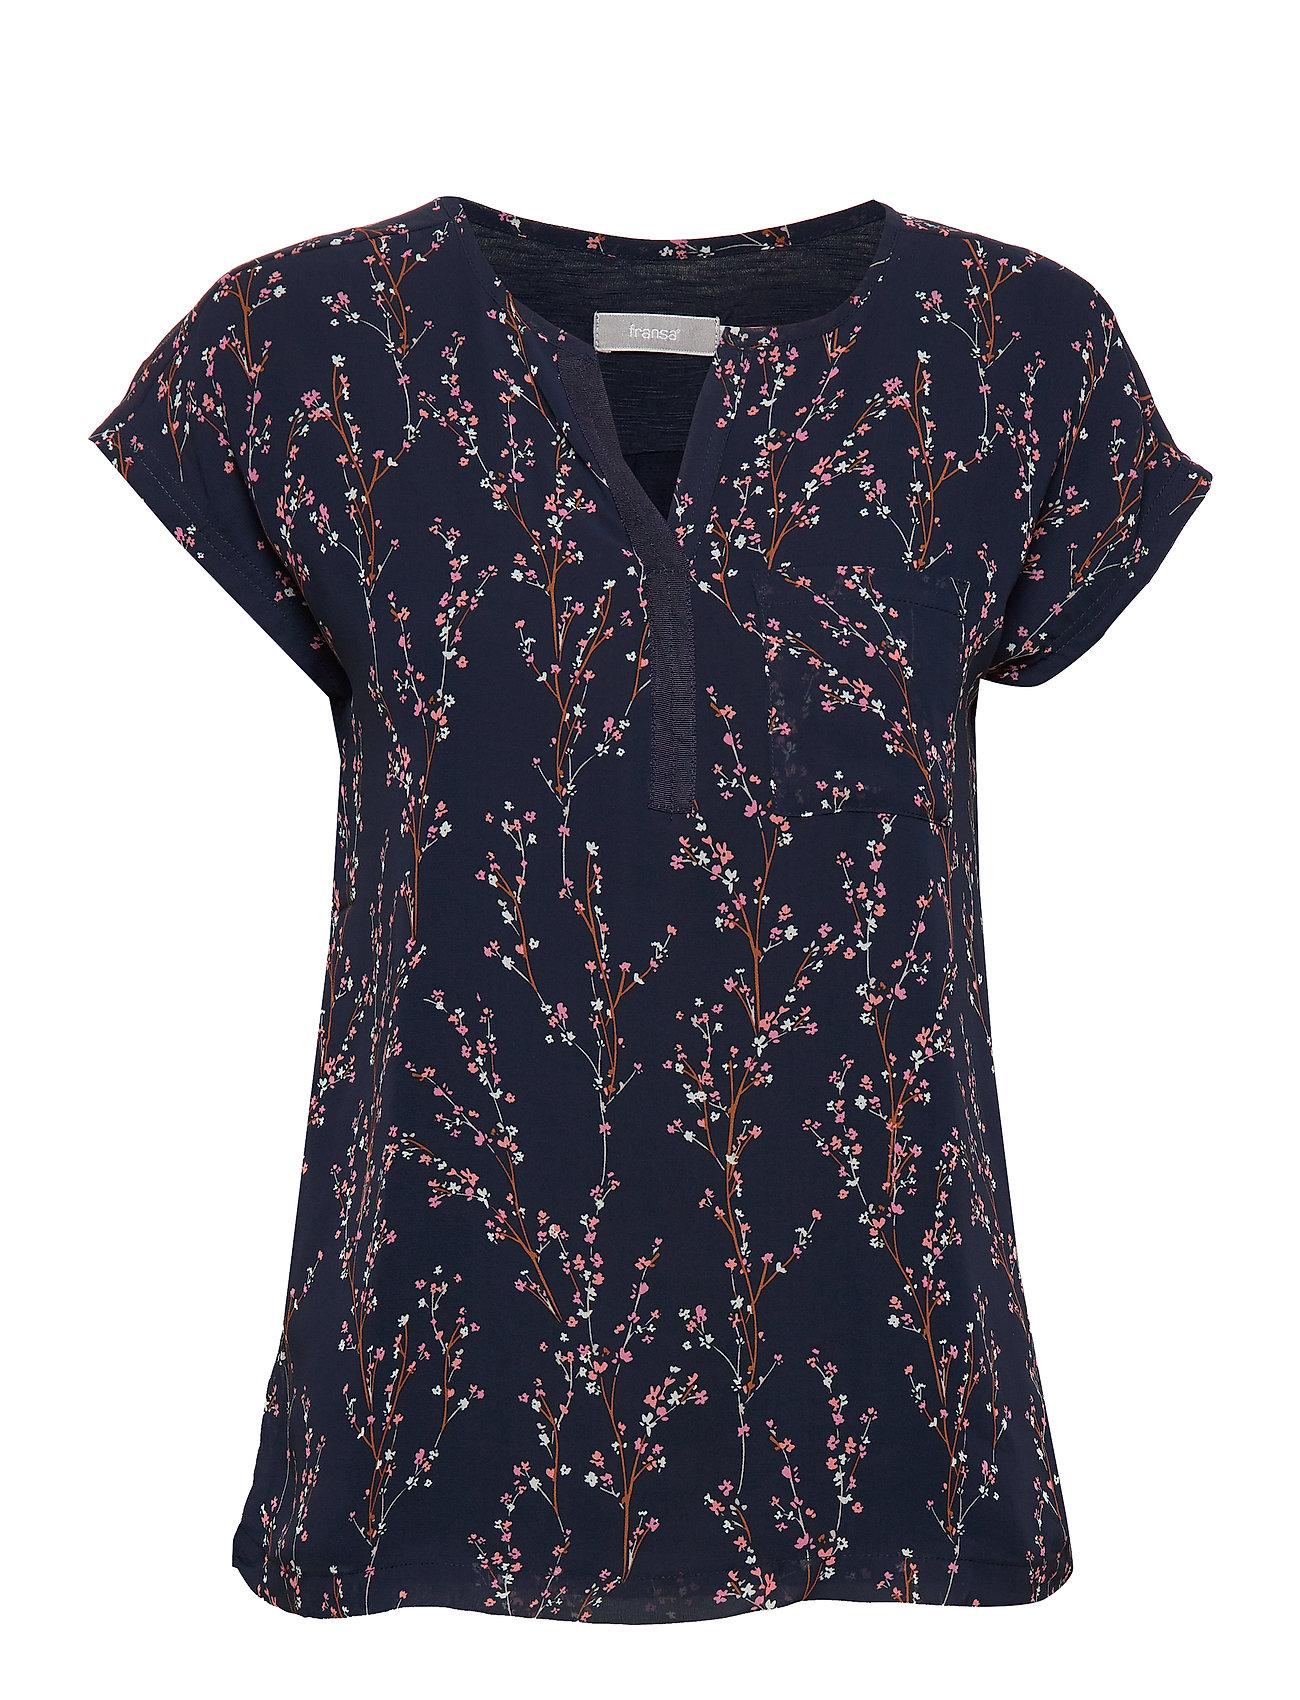 Image of Zawov 8 Top Blouses Short-sleeved Blå Fransa (3347377373)